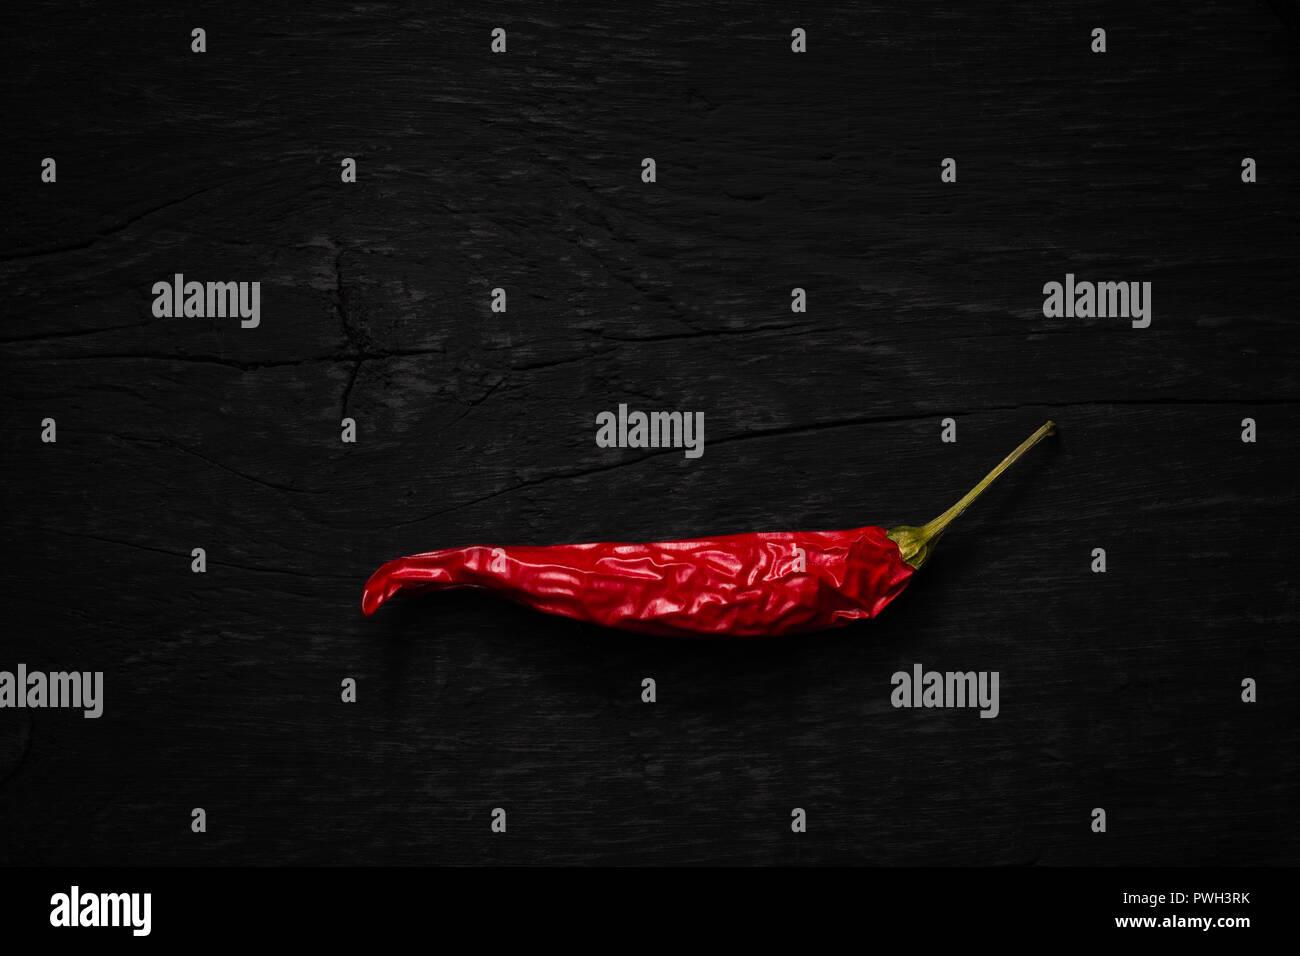 Getrocknete rote Chilischote auf dunklen Untergrund als flatlay - Stock Image